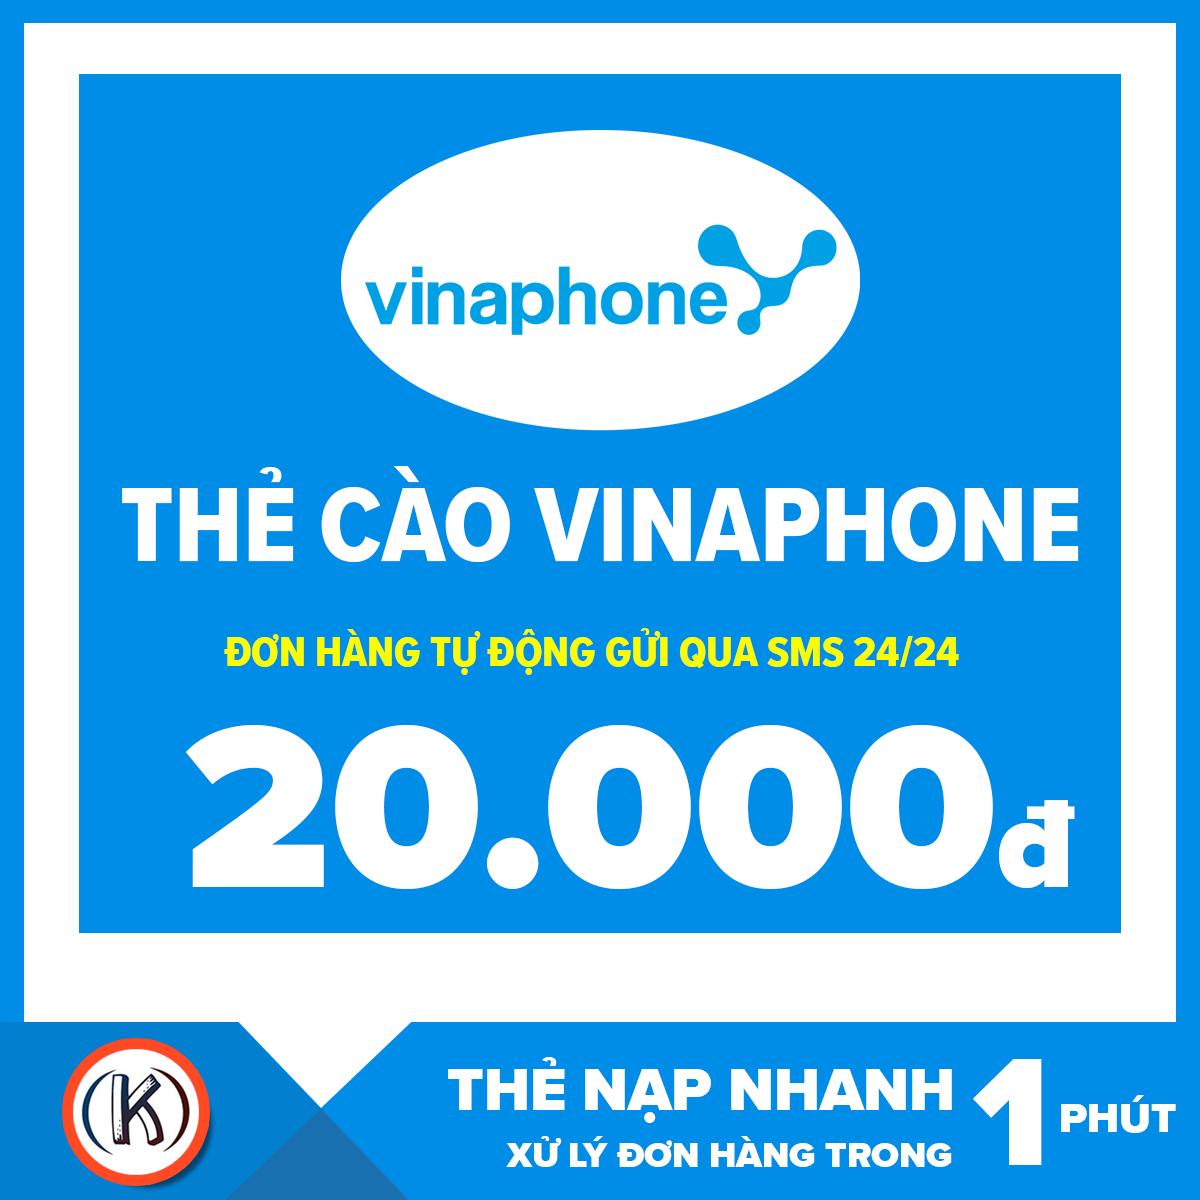 [HCM]Thẻ cào vinaphone 20.000đ (Đơn hàng tự động gửi qua Email 24/24)